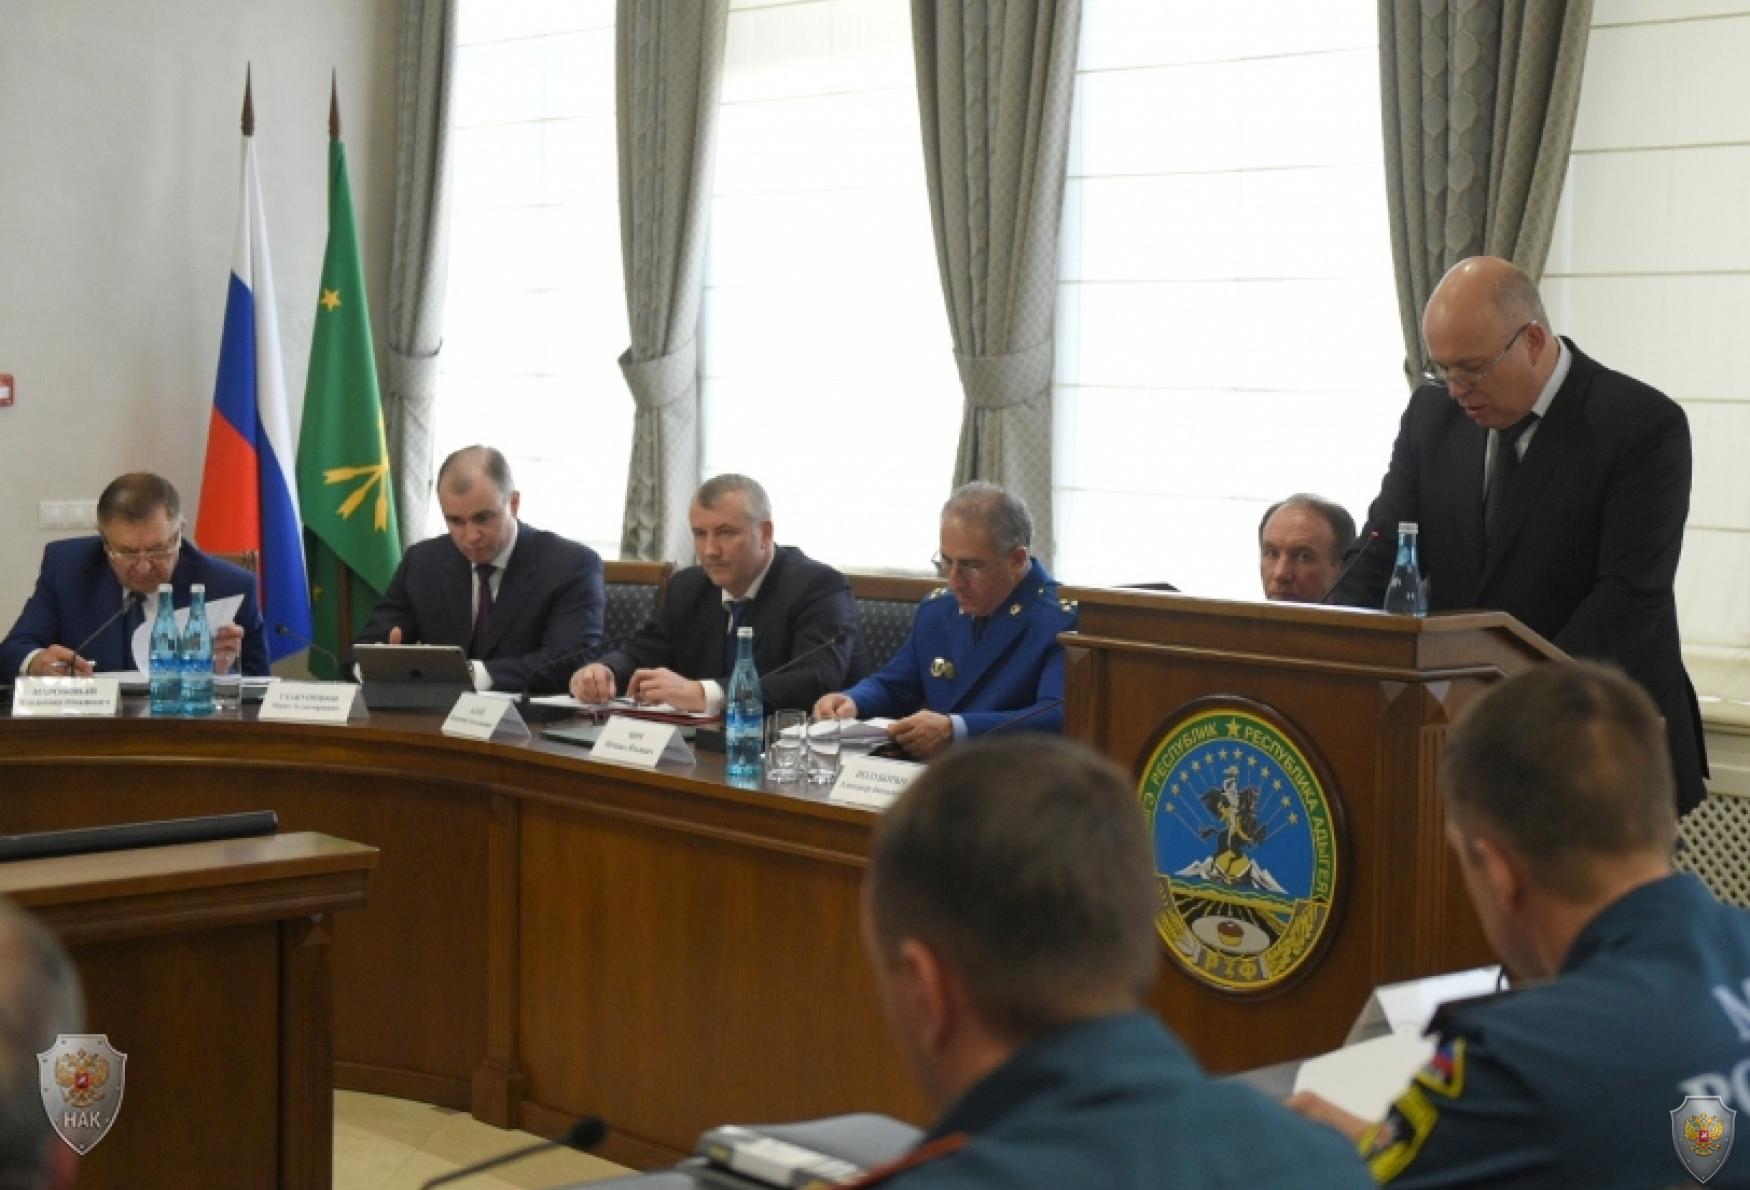 Выступление Начальника Управления ФСБ России по Республике Адыгея Виктора Владимировича Шаменкова